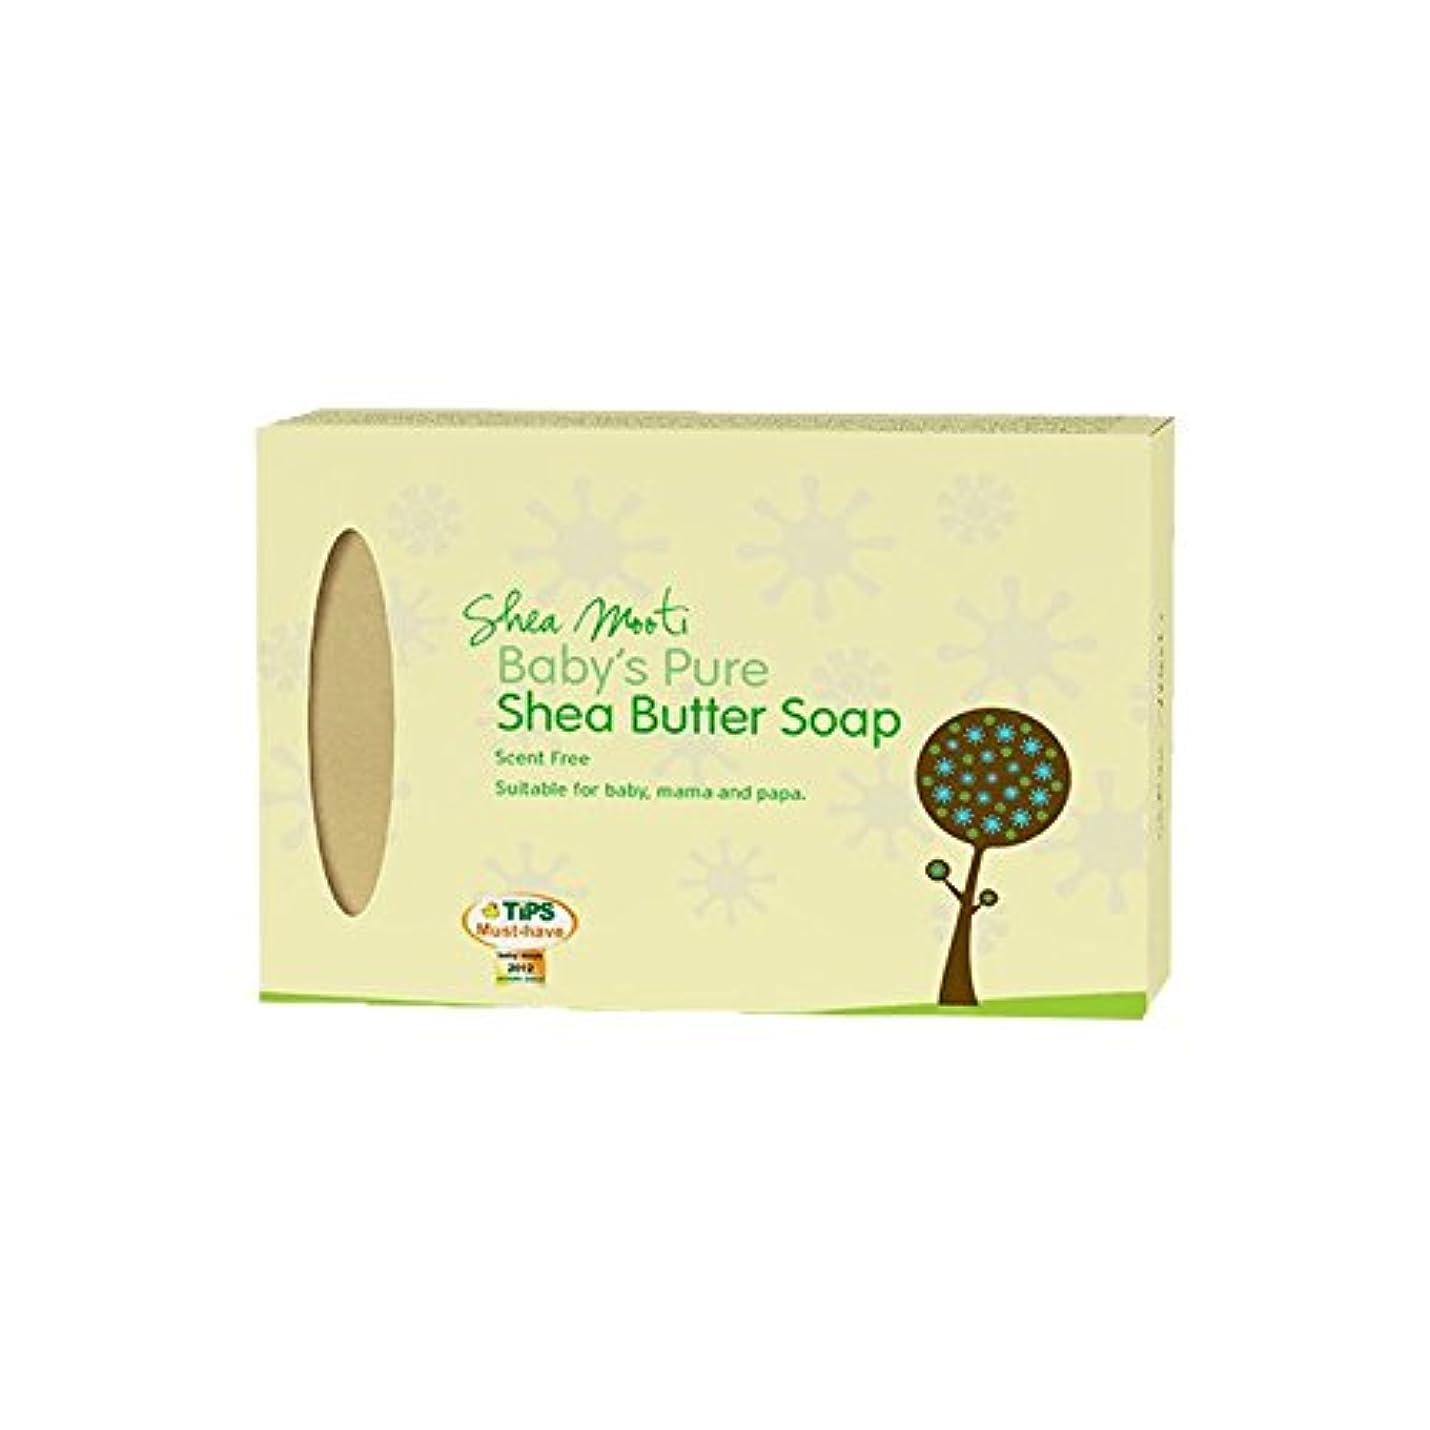 幅抵抗力がある適性Shea Mooti Baby's Pure Shea Butter Soap Unscented 250ml (Pack of 2) - シアバターMooti赤ちゃんの純粋なシアバターソープ無香250ミリリットル (x2...